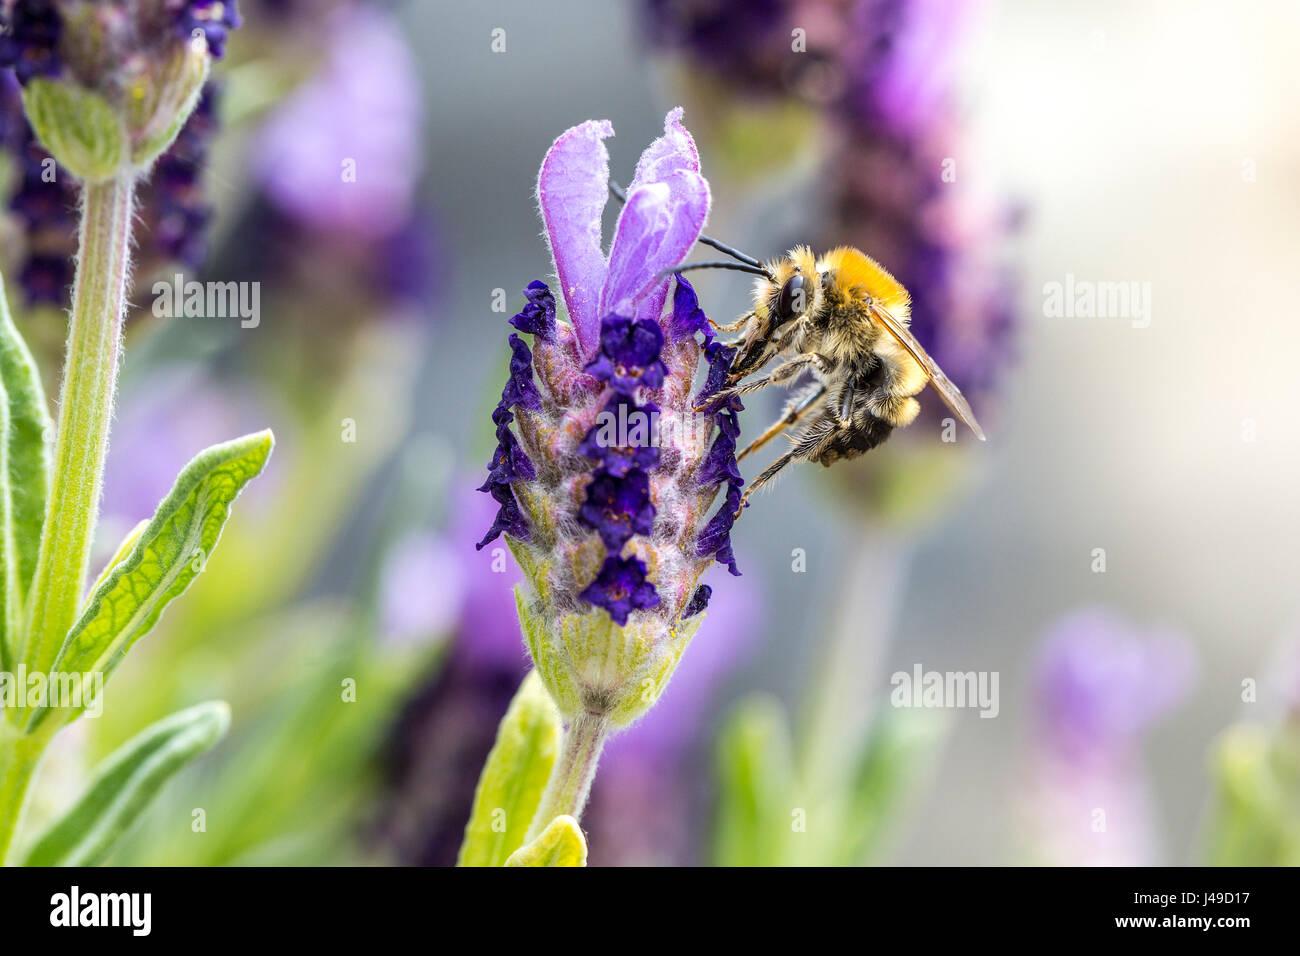 Macro d'une abeille pollinisant les fleurs de lavande Photo Stock